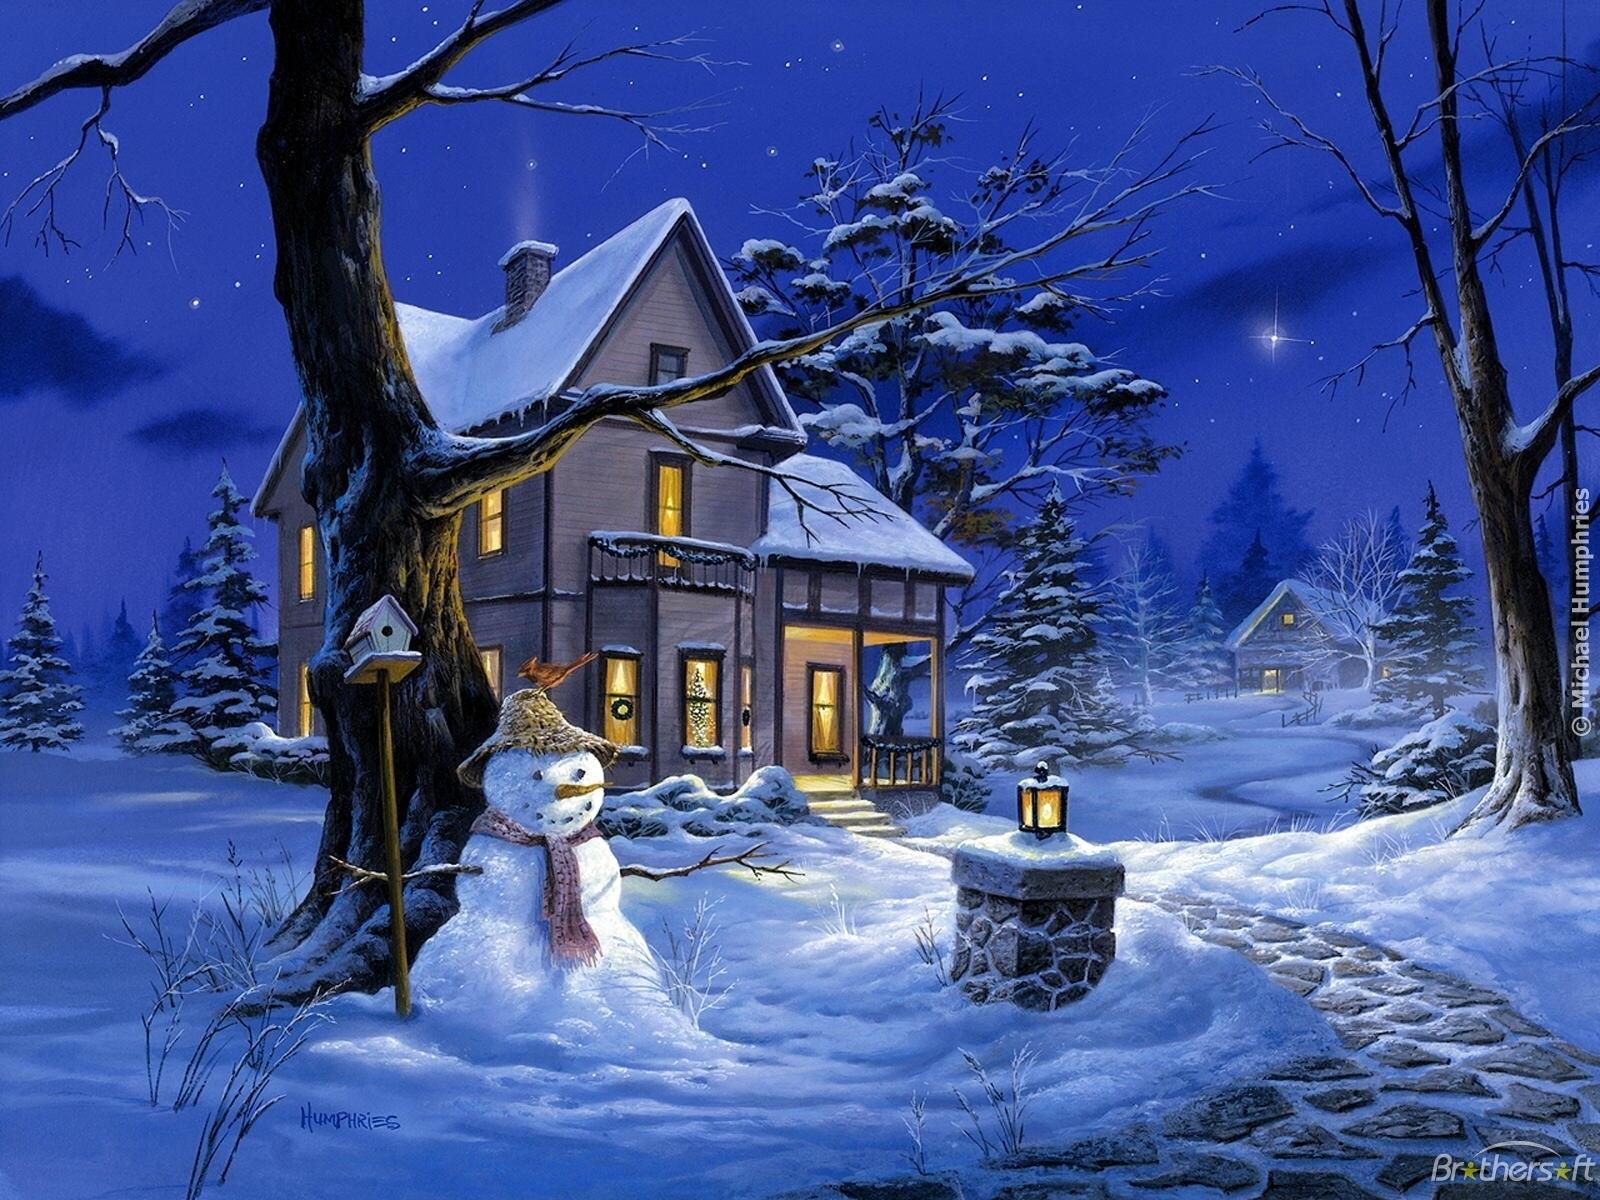 13802 скачать обои Пейзаж, Зима, Новый Год (New Year), Рождество (Christmas, Xmas), Снег, Дома, Рисунки - заставки и картинки бесплатно